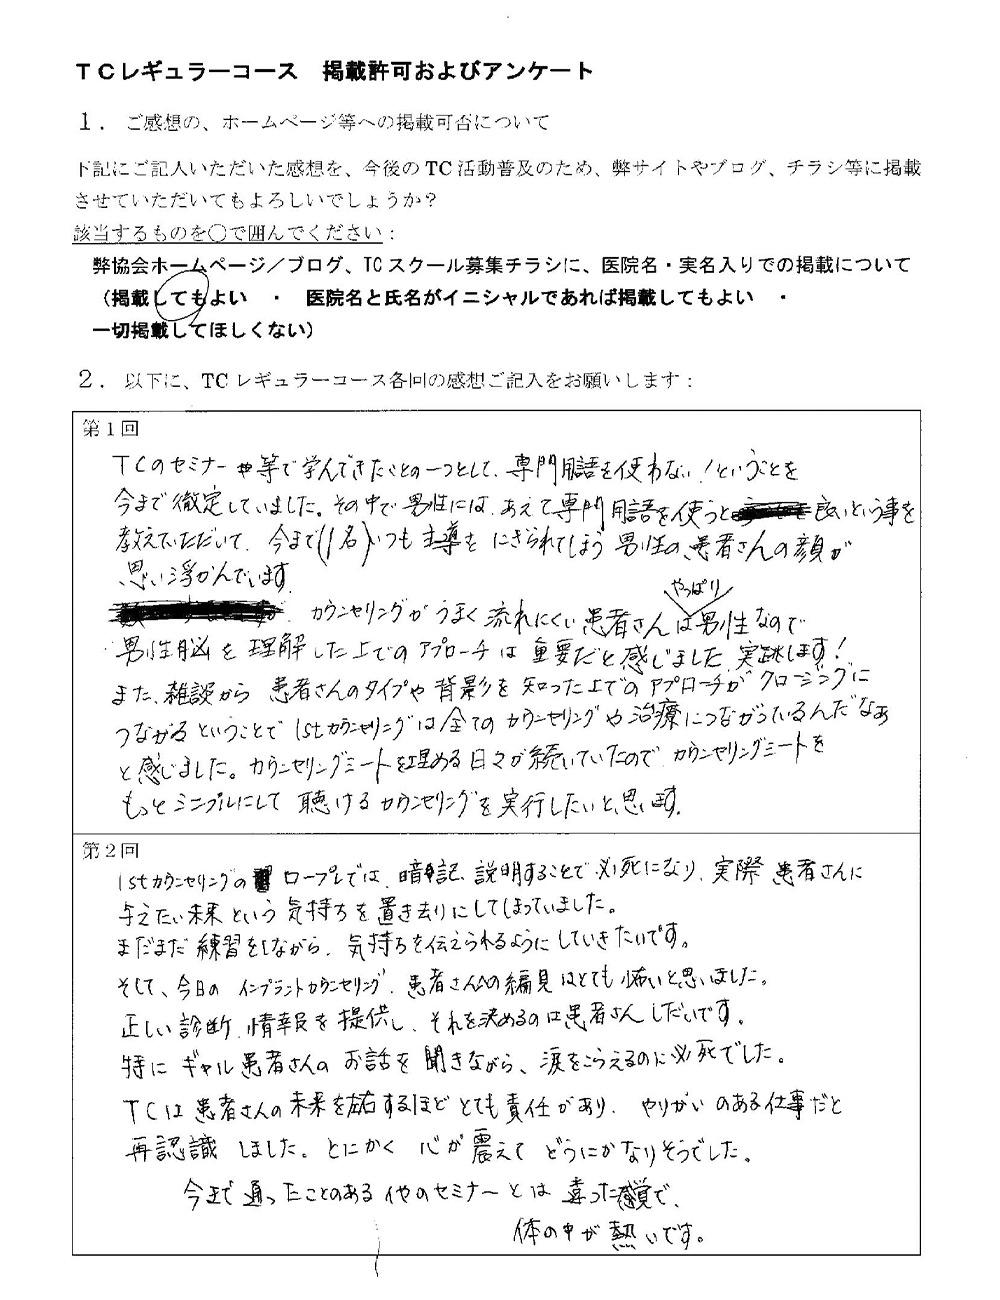 原 麻美 様アンケート